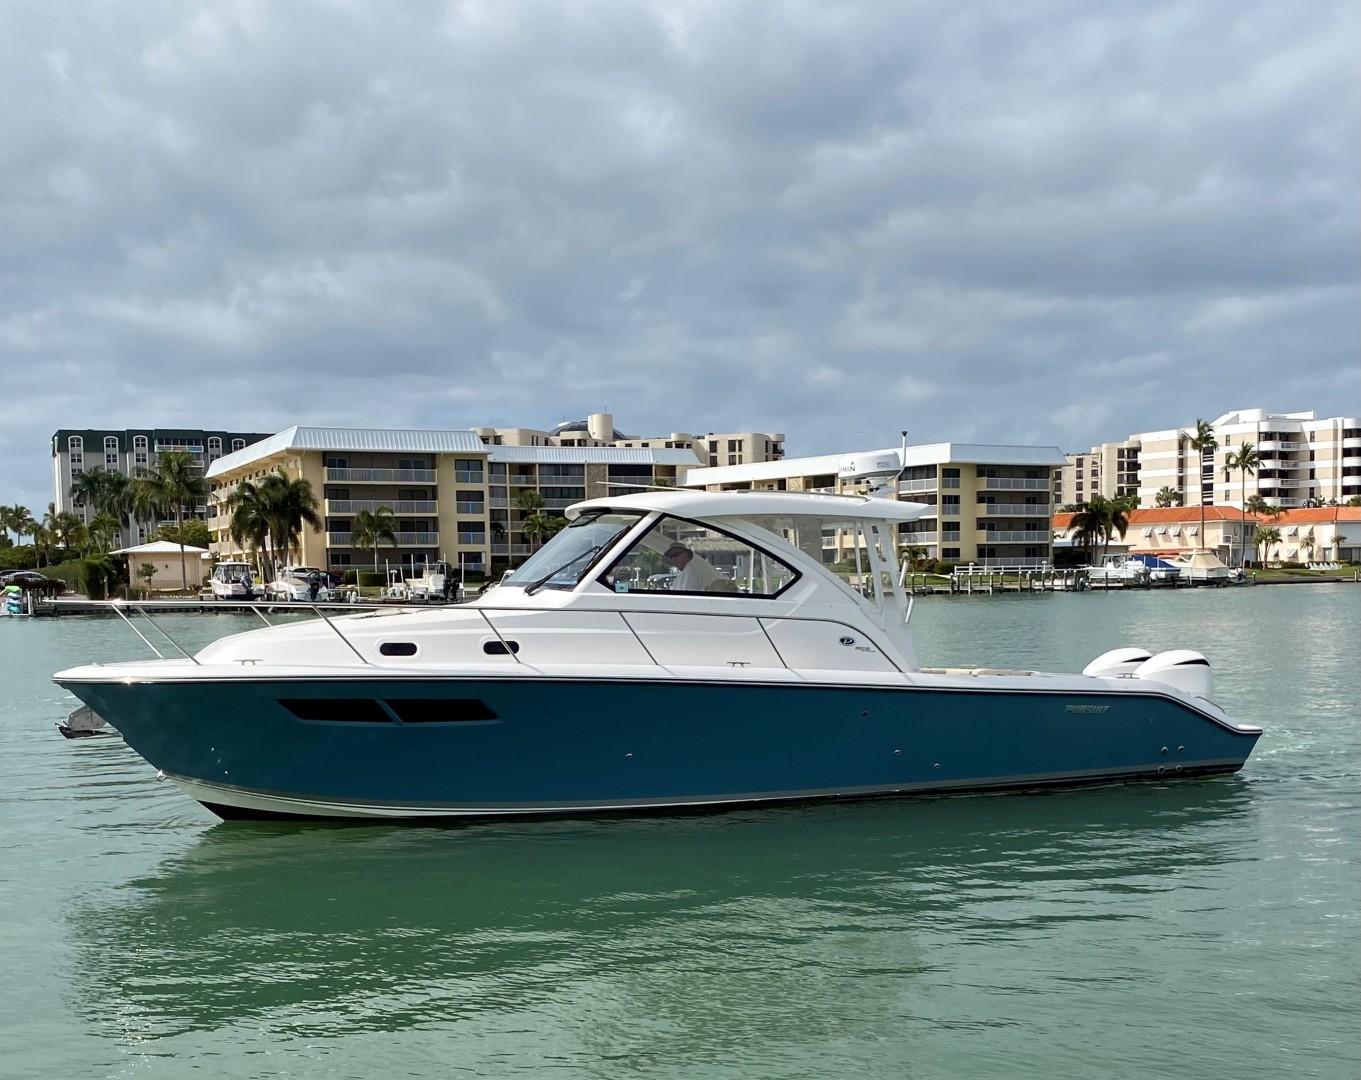 Pursuit-355 Offshore 2000-DUN DOCN Naples-Florida-United States-2018 Pursuit 35 OS-1634722 | Thumbnail